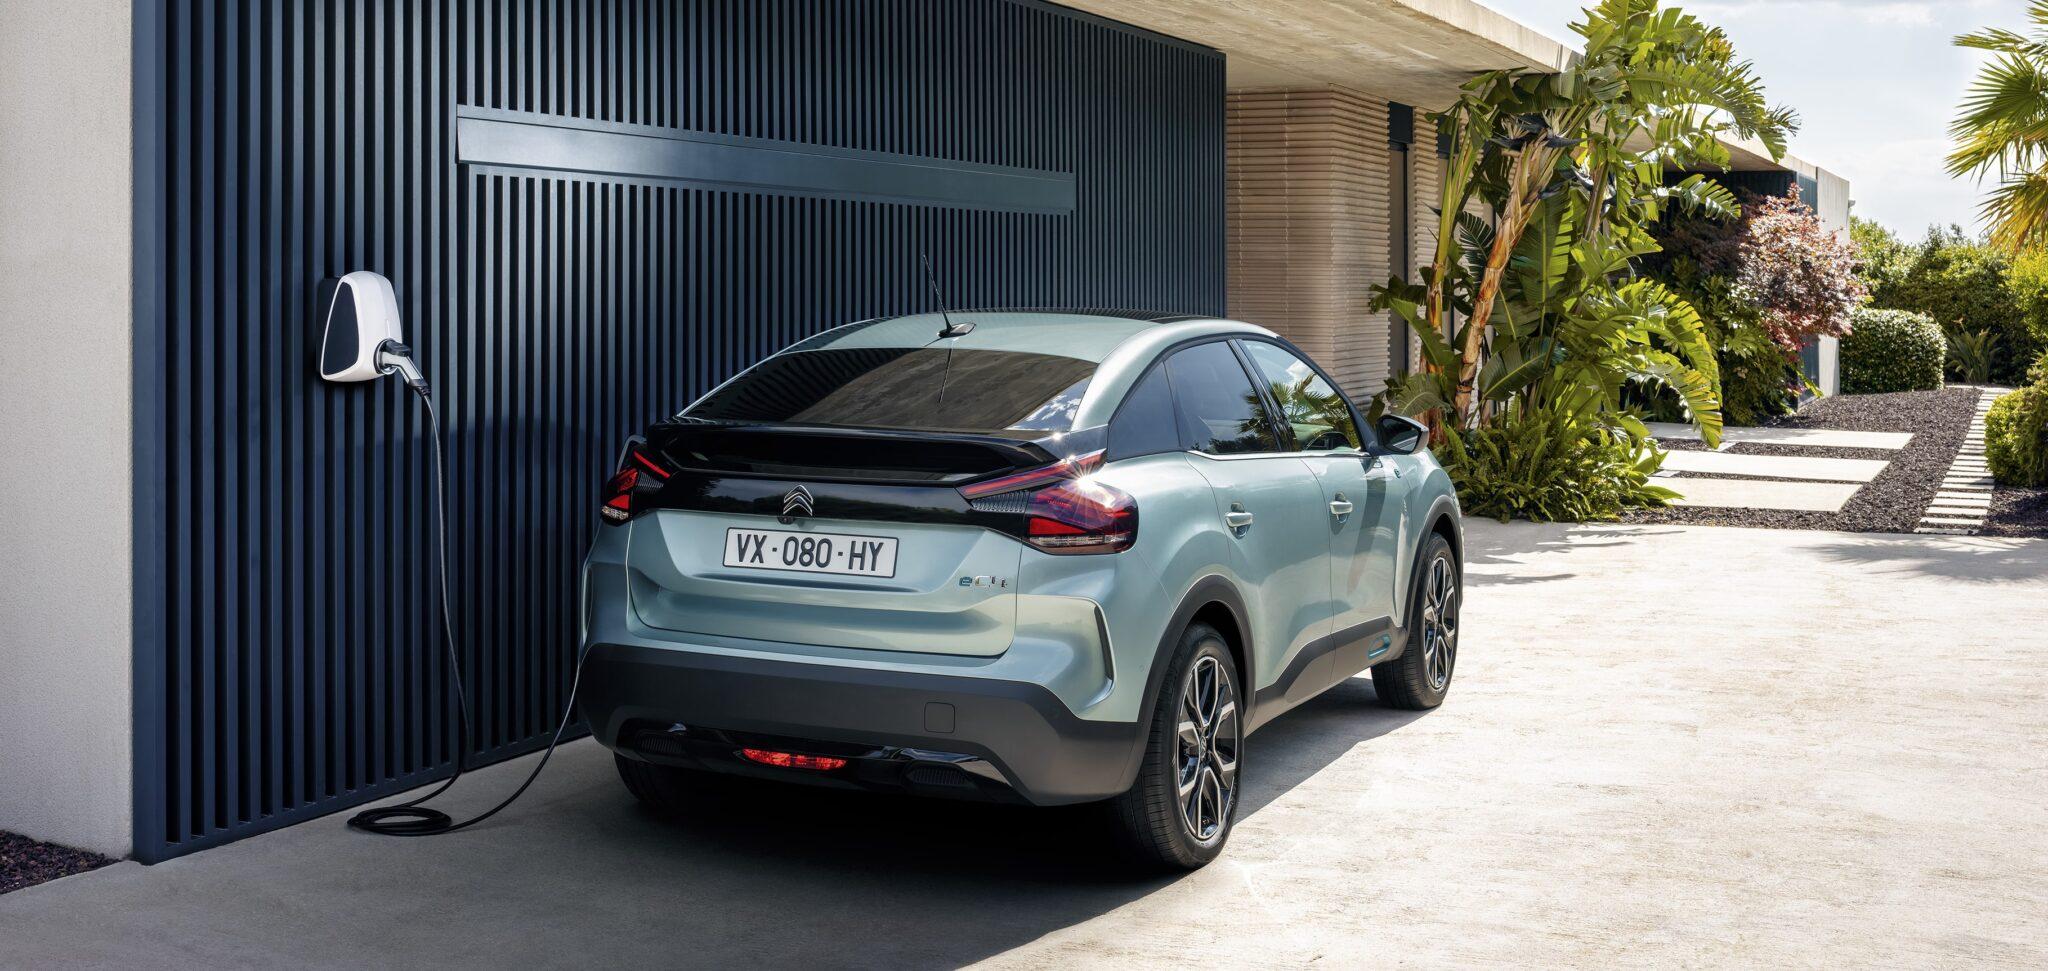 Neuer ë-C4 - Citroën erfindet die Kompaktlimousine NEU! » CL 20.026.004 min scaled